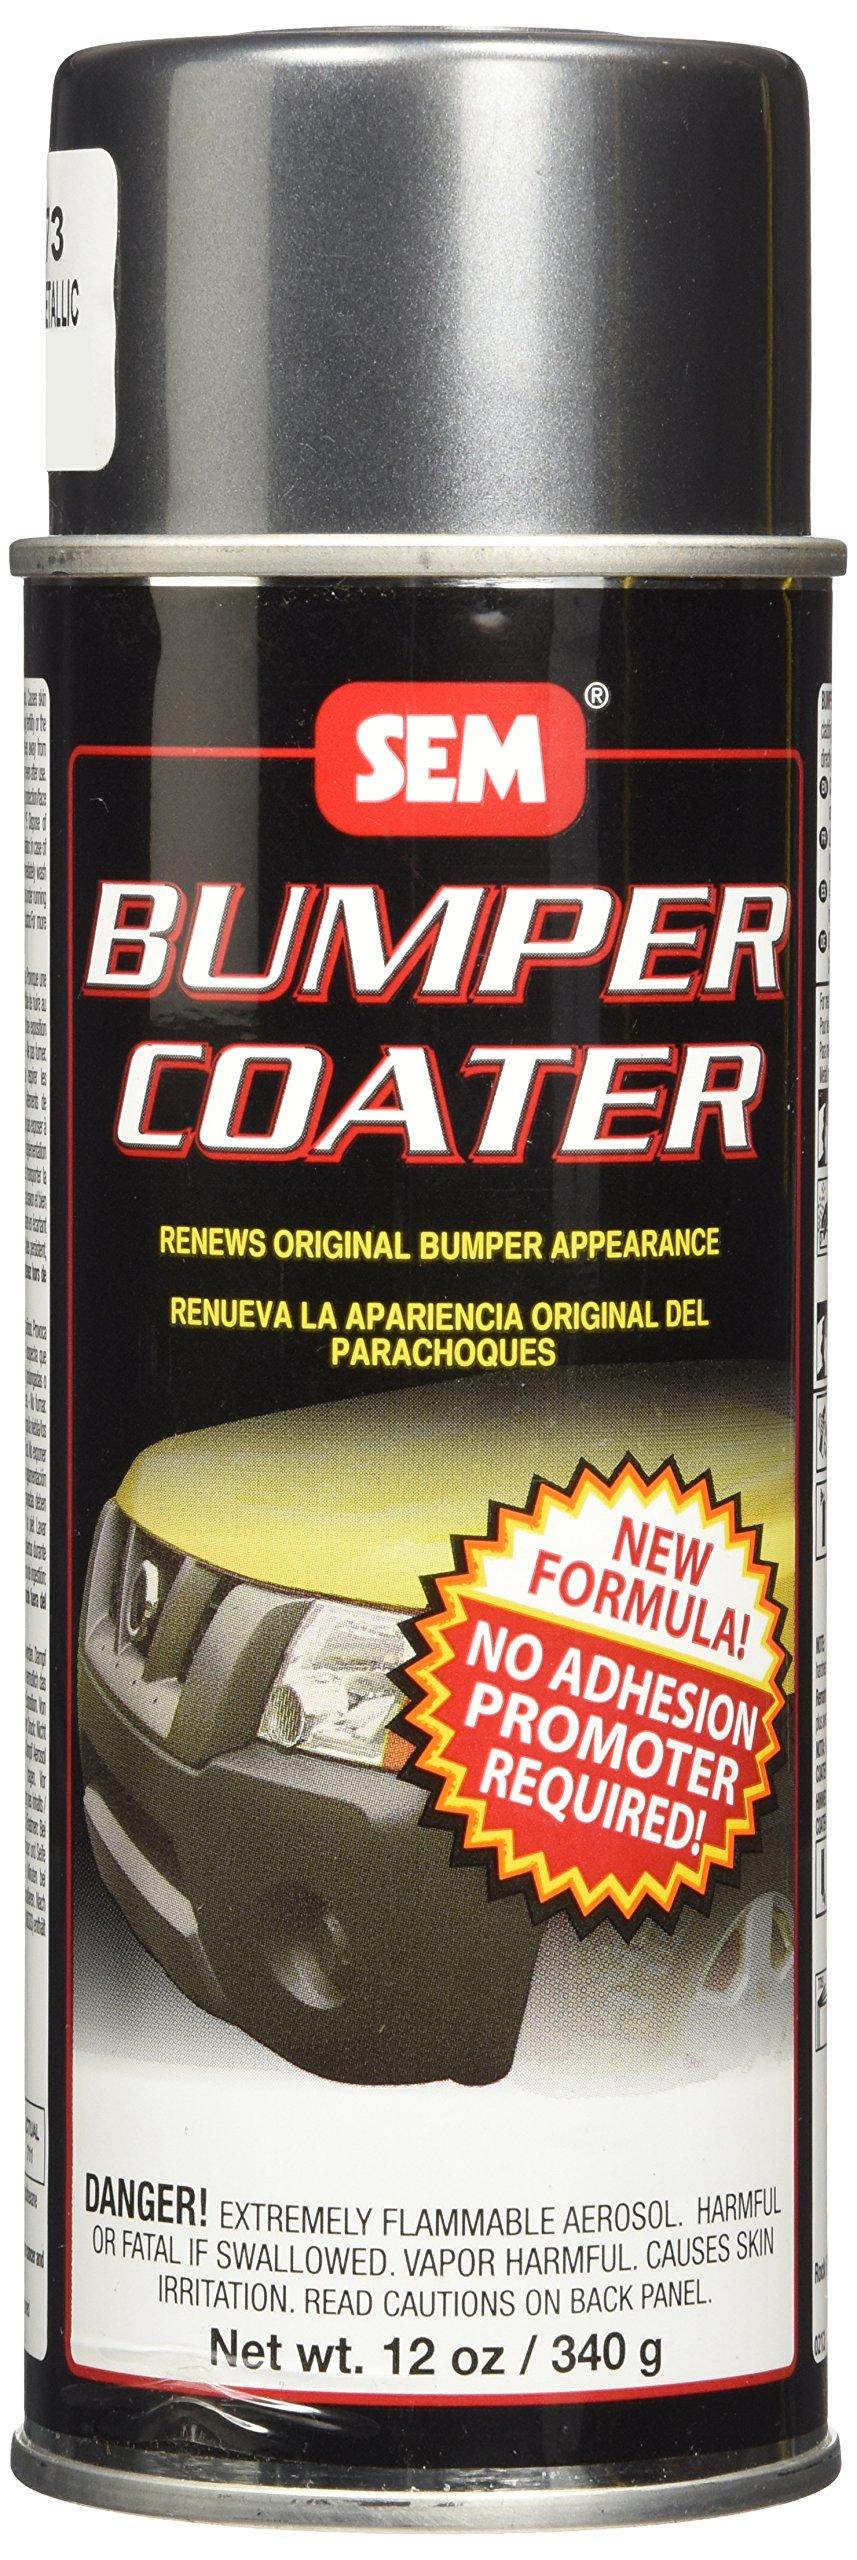 SEM 39273 Charcoal Bumper Coater Aerosol - 13 oz.